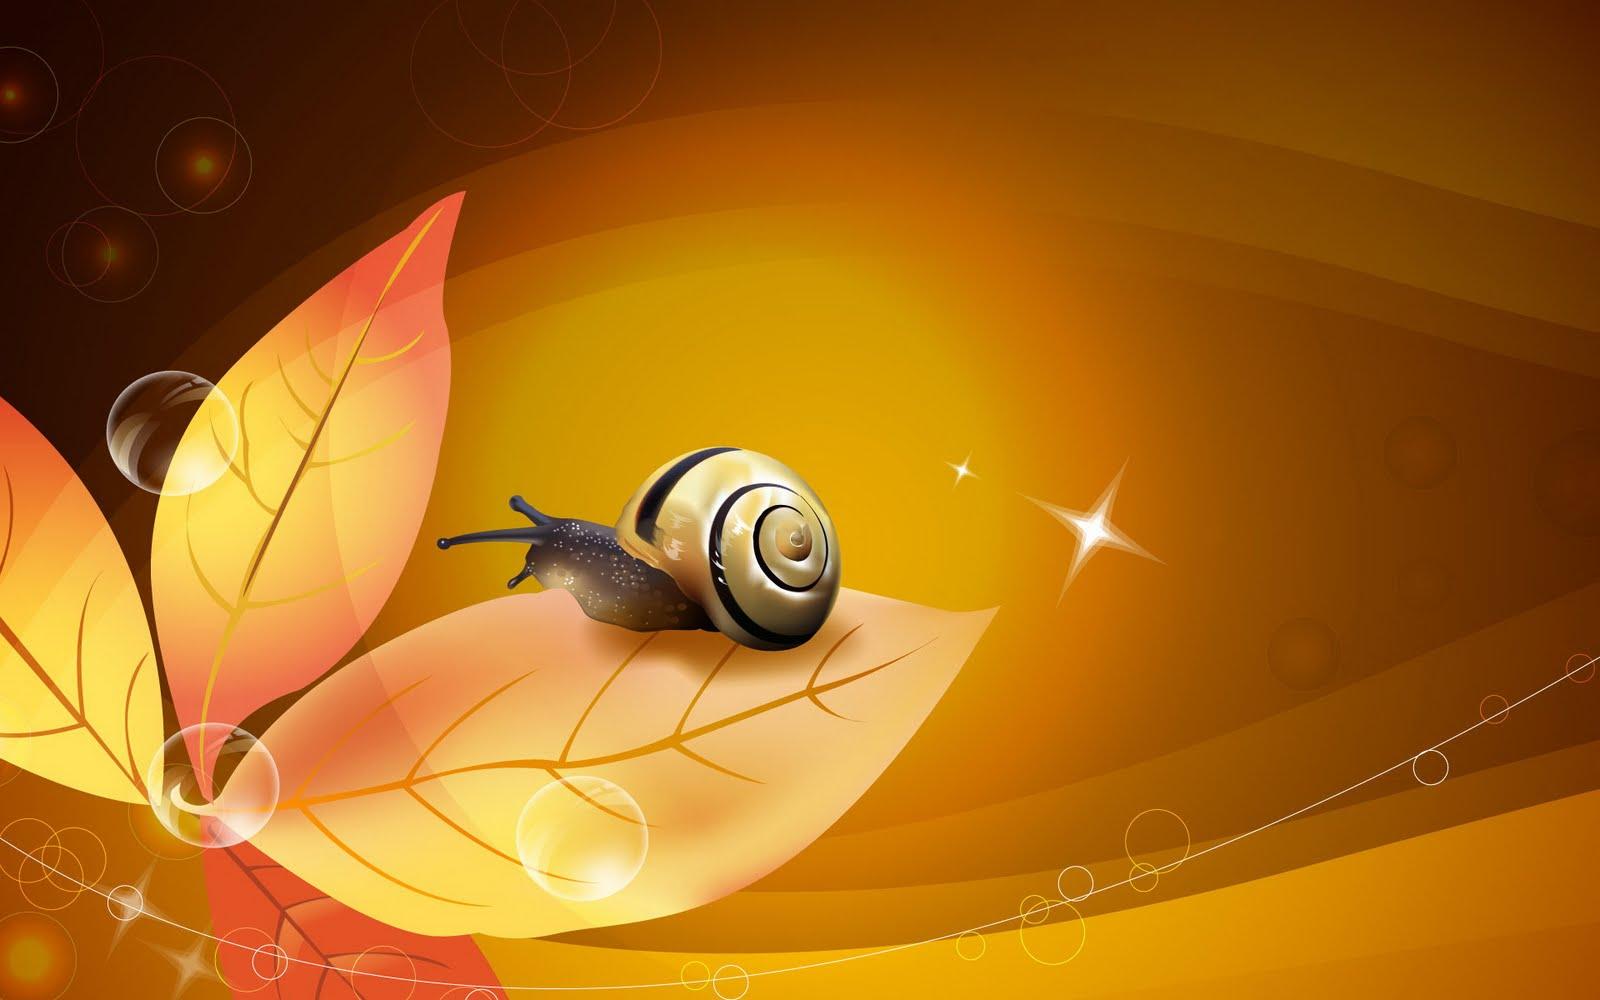 http://1.bp.blogspot.com/-enCmYMN0CUM/ToV1n1gaeyI/AAAAAAAAFIs/uvy5D0jZF7A/s1600/838-snail-3d-vector-wallpaper.jpg